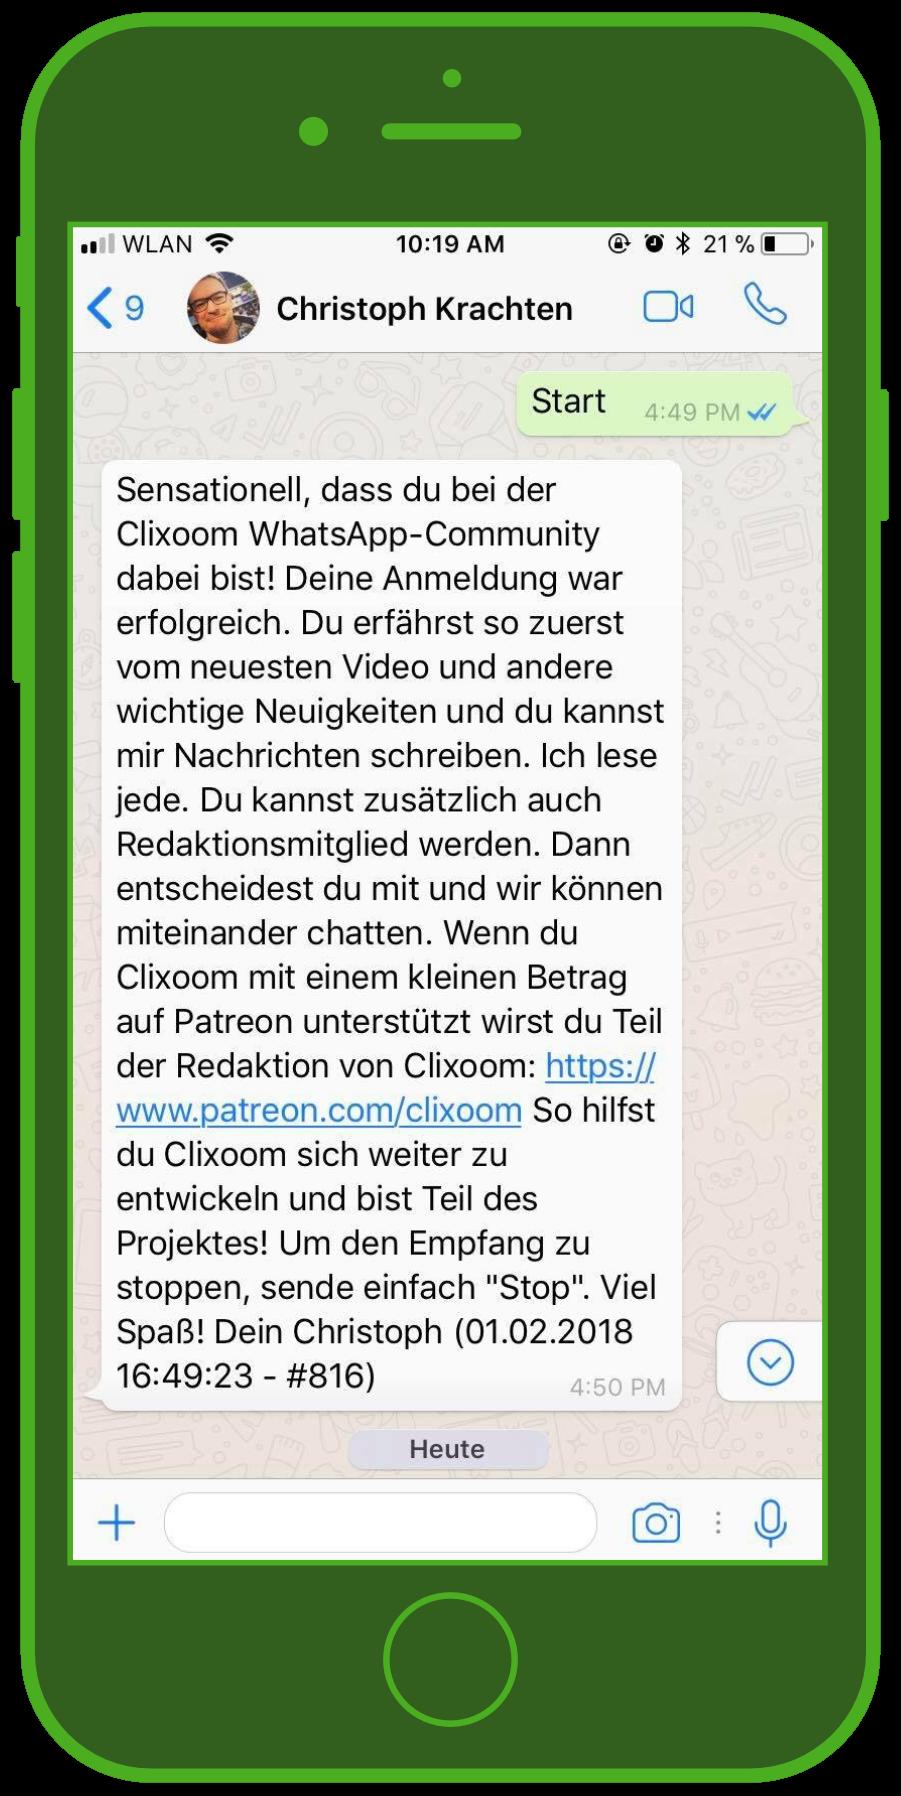 device-whatsapp-chrsitoph-krachten-influencer-newsletter